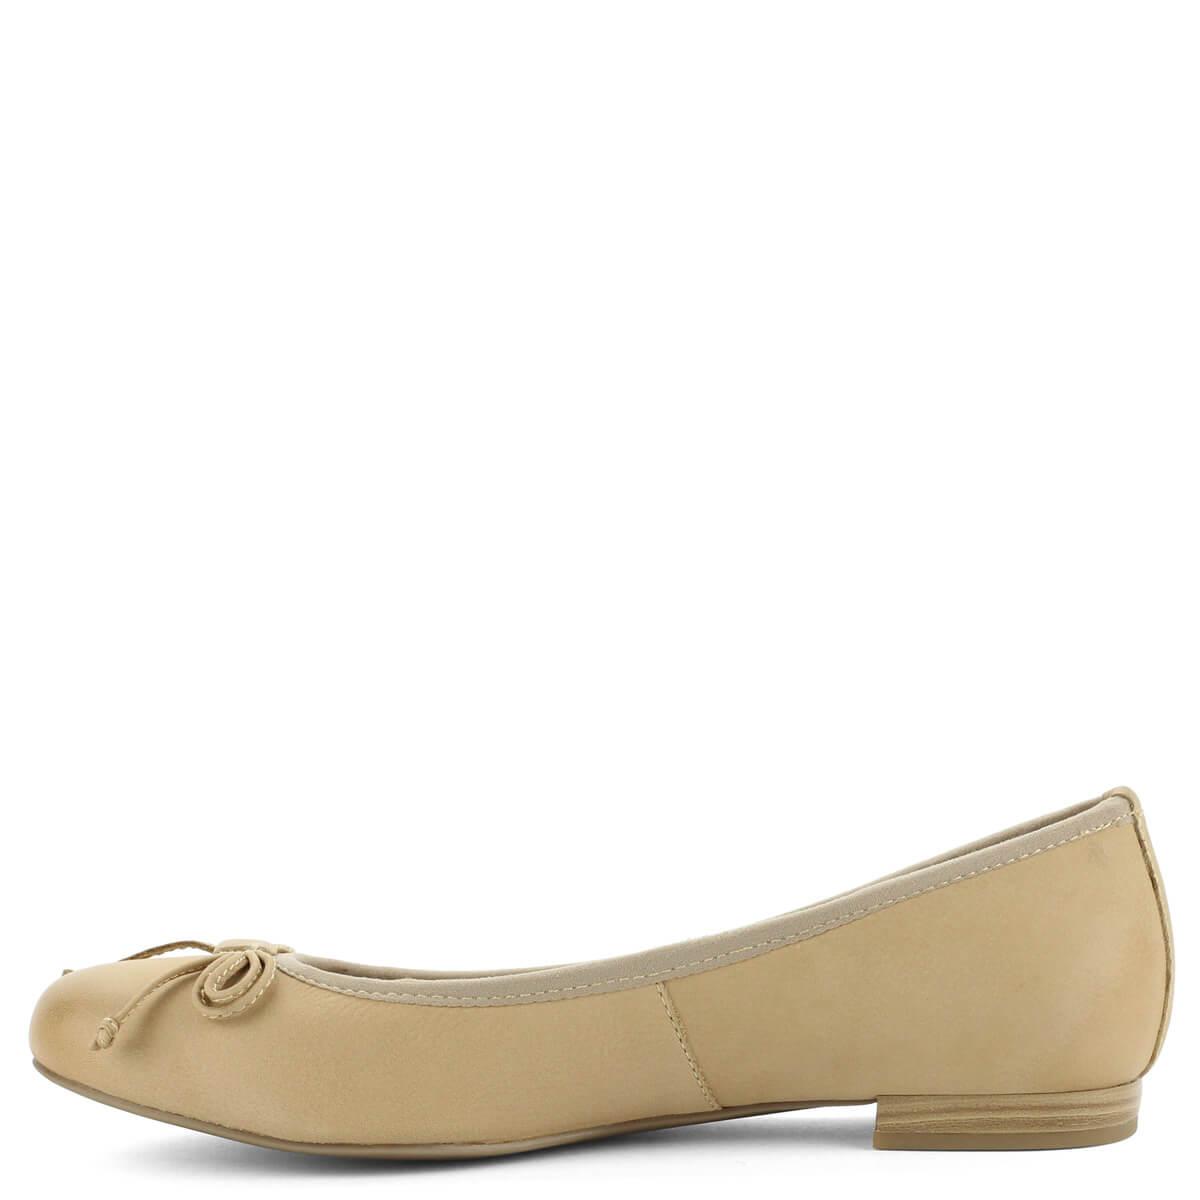 ... Világos színű Marco Tozzi balerina cipő bőr felsőrésszel 8676b62e0a